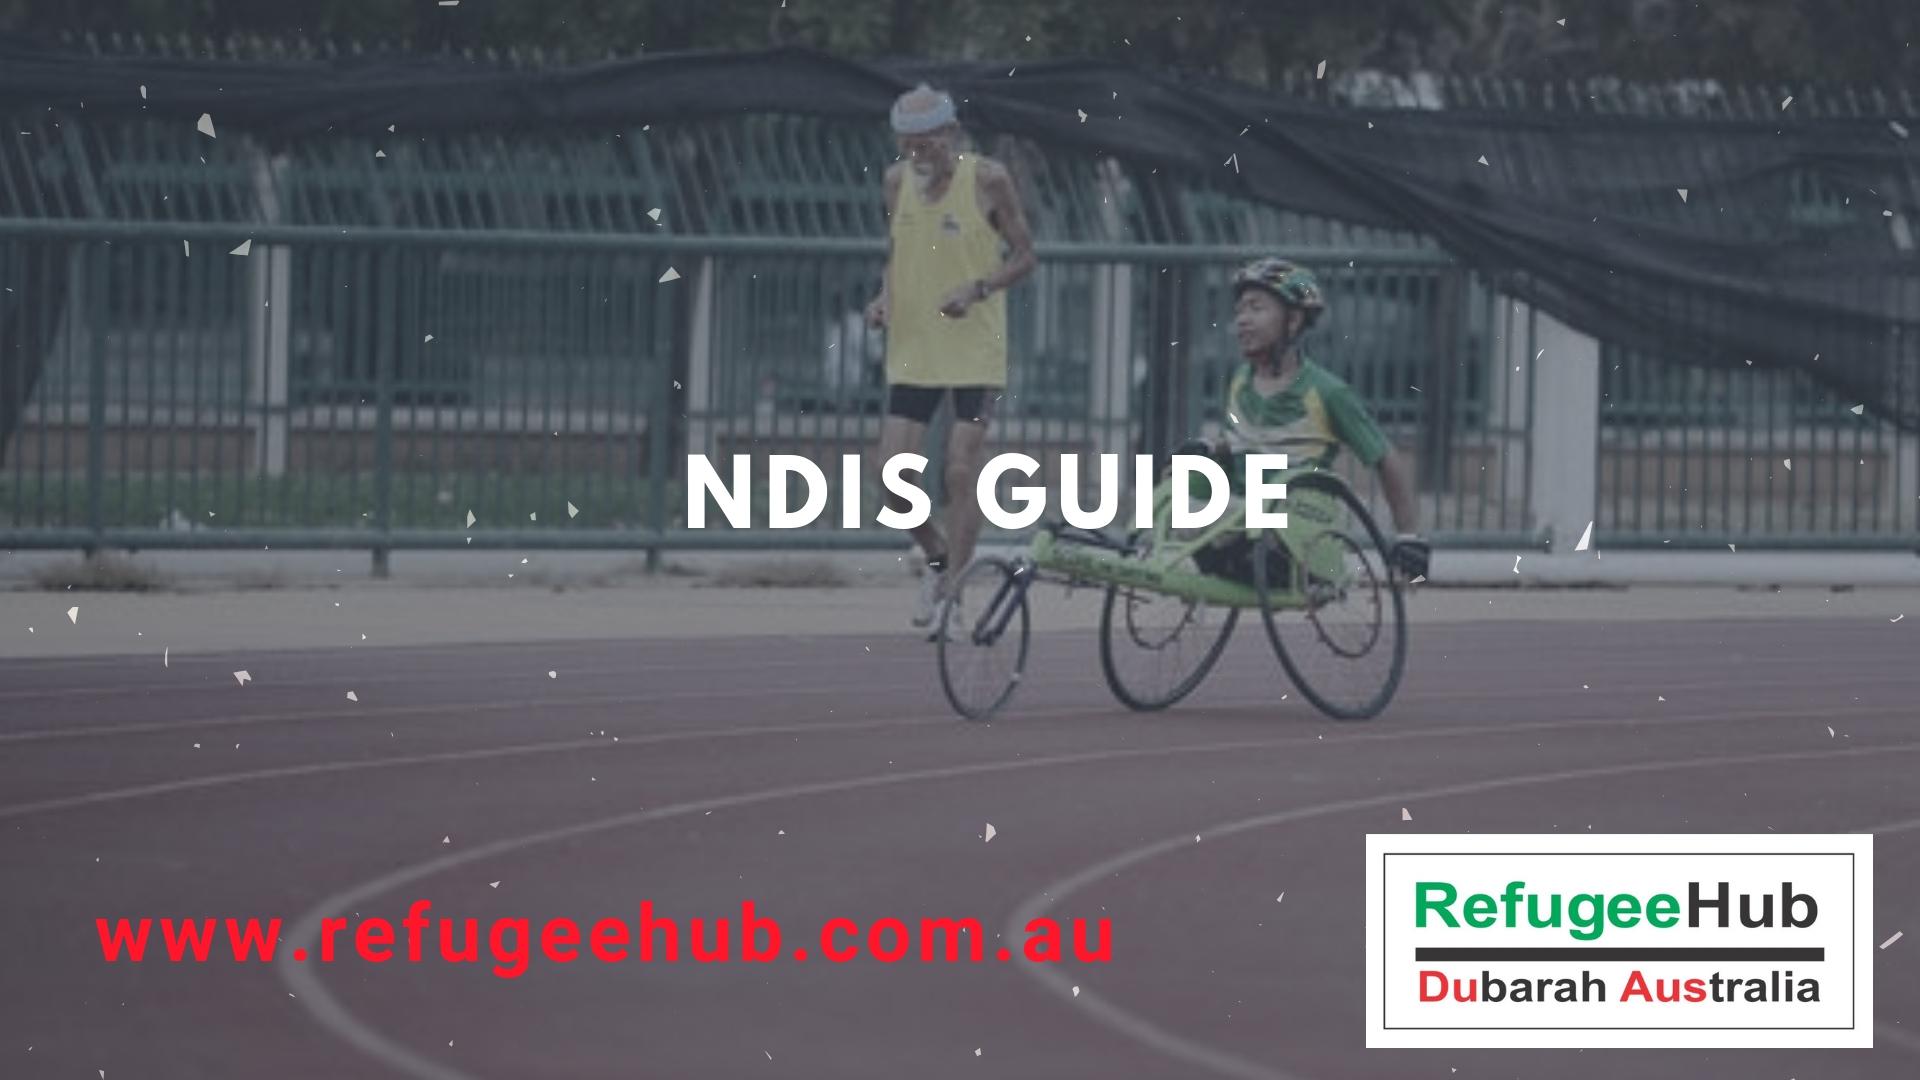 NDIS HUB